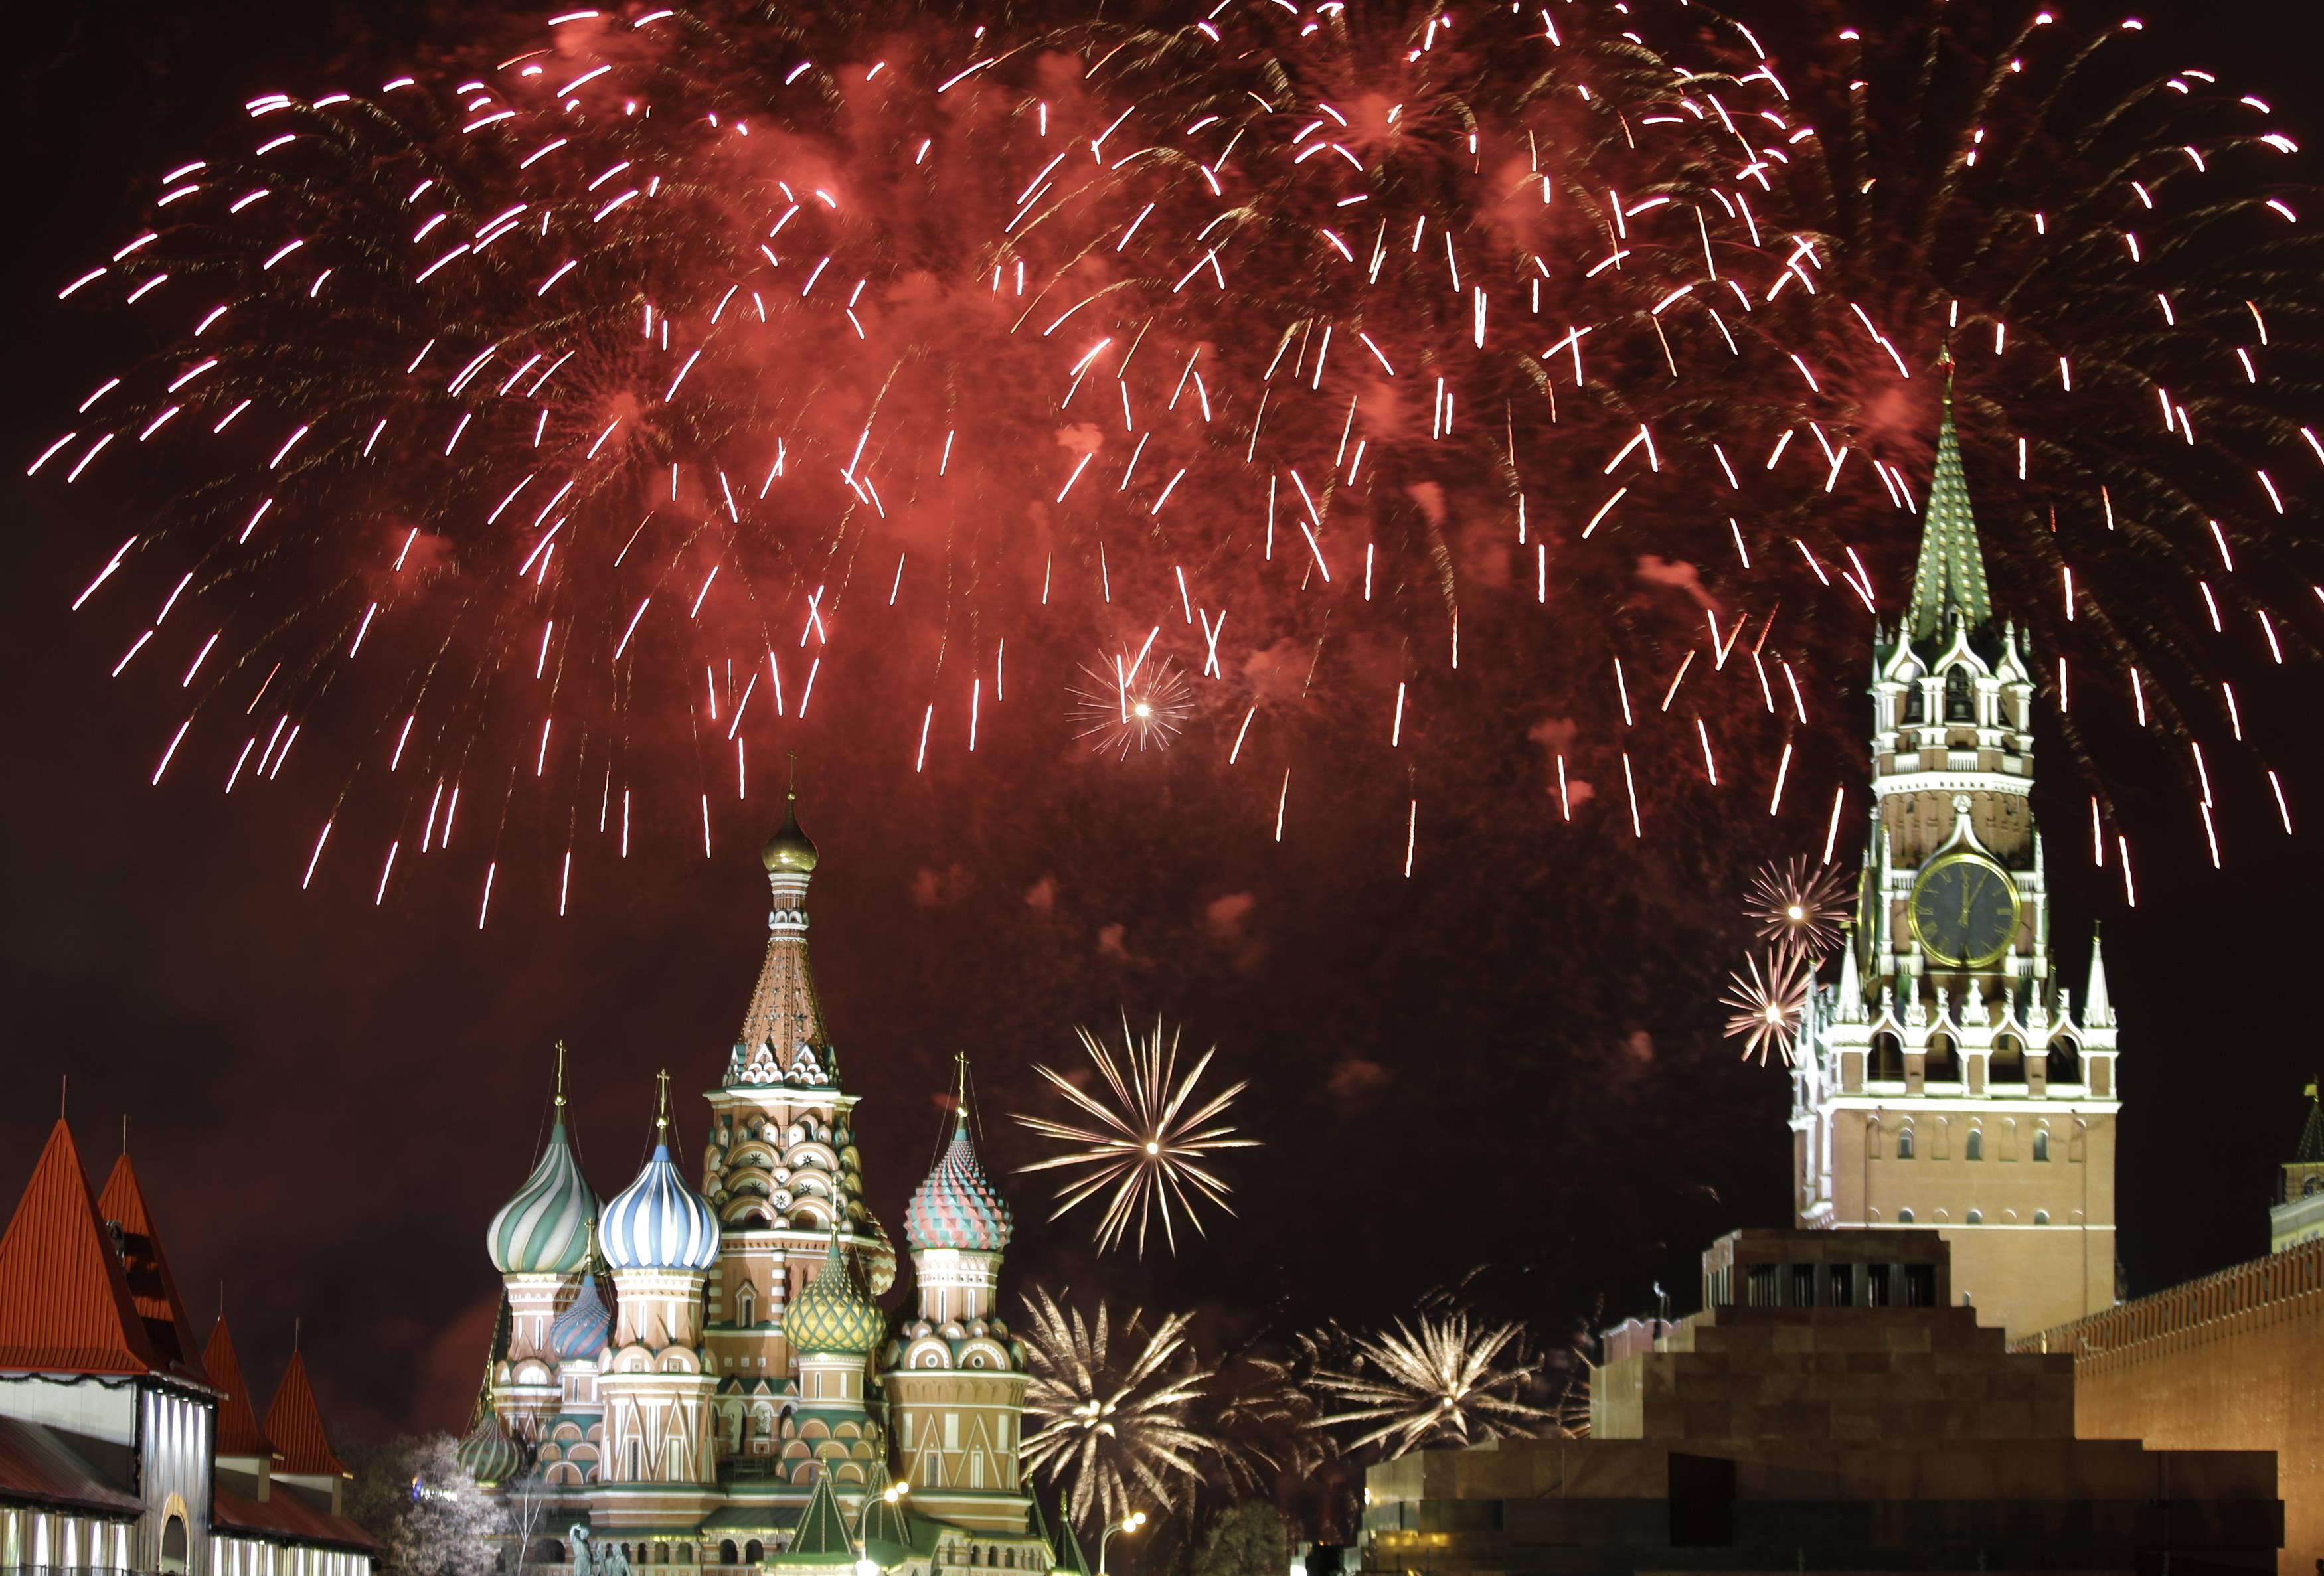 Салют над Красной площадью в Москве